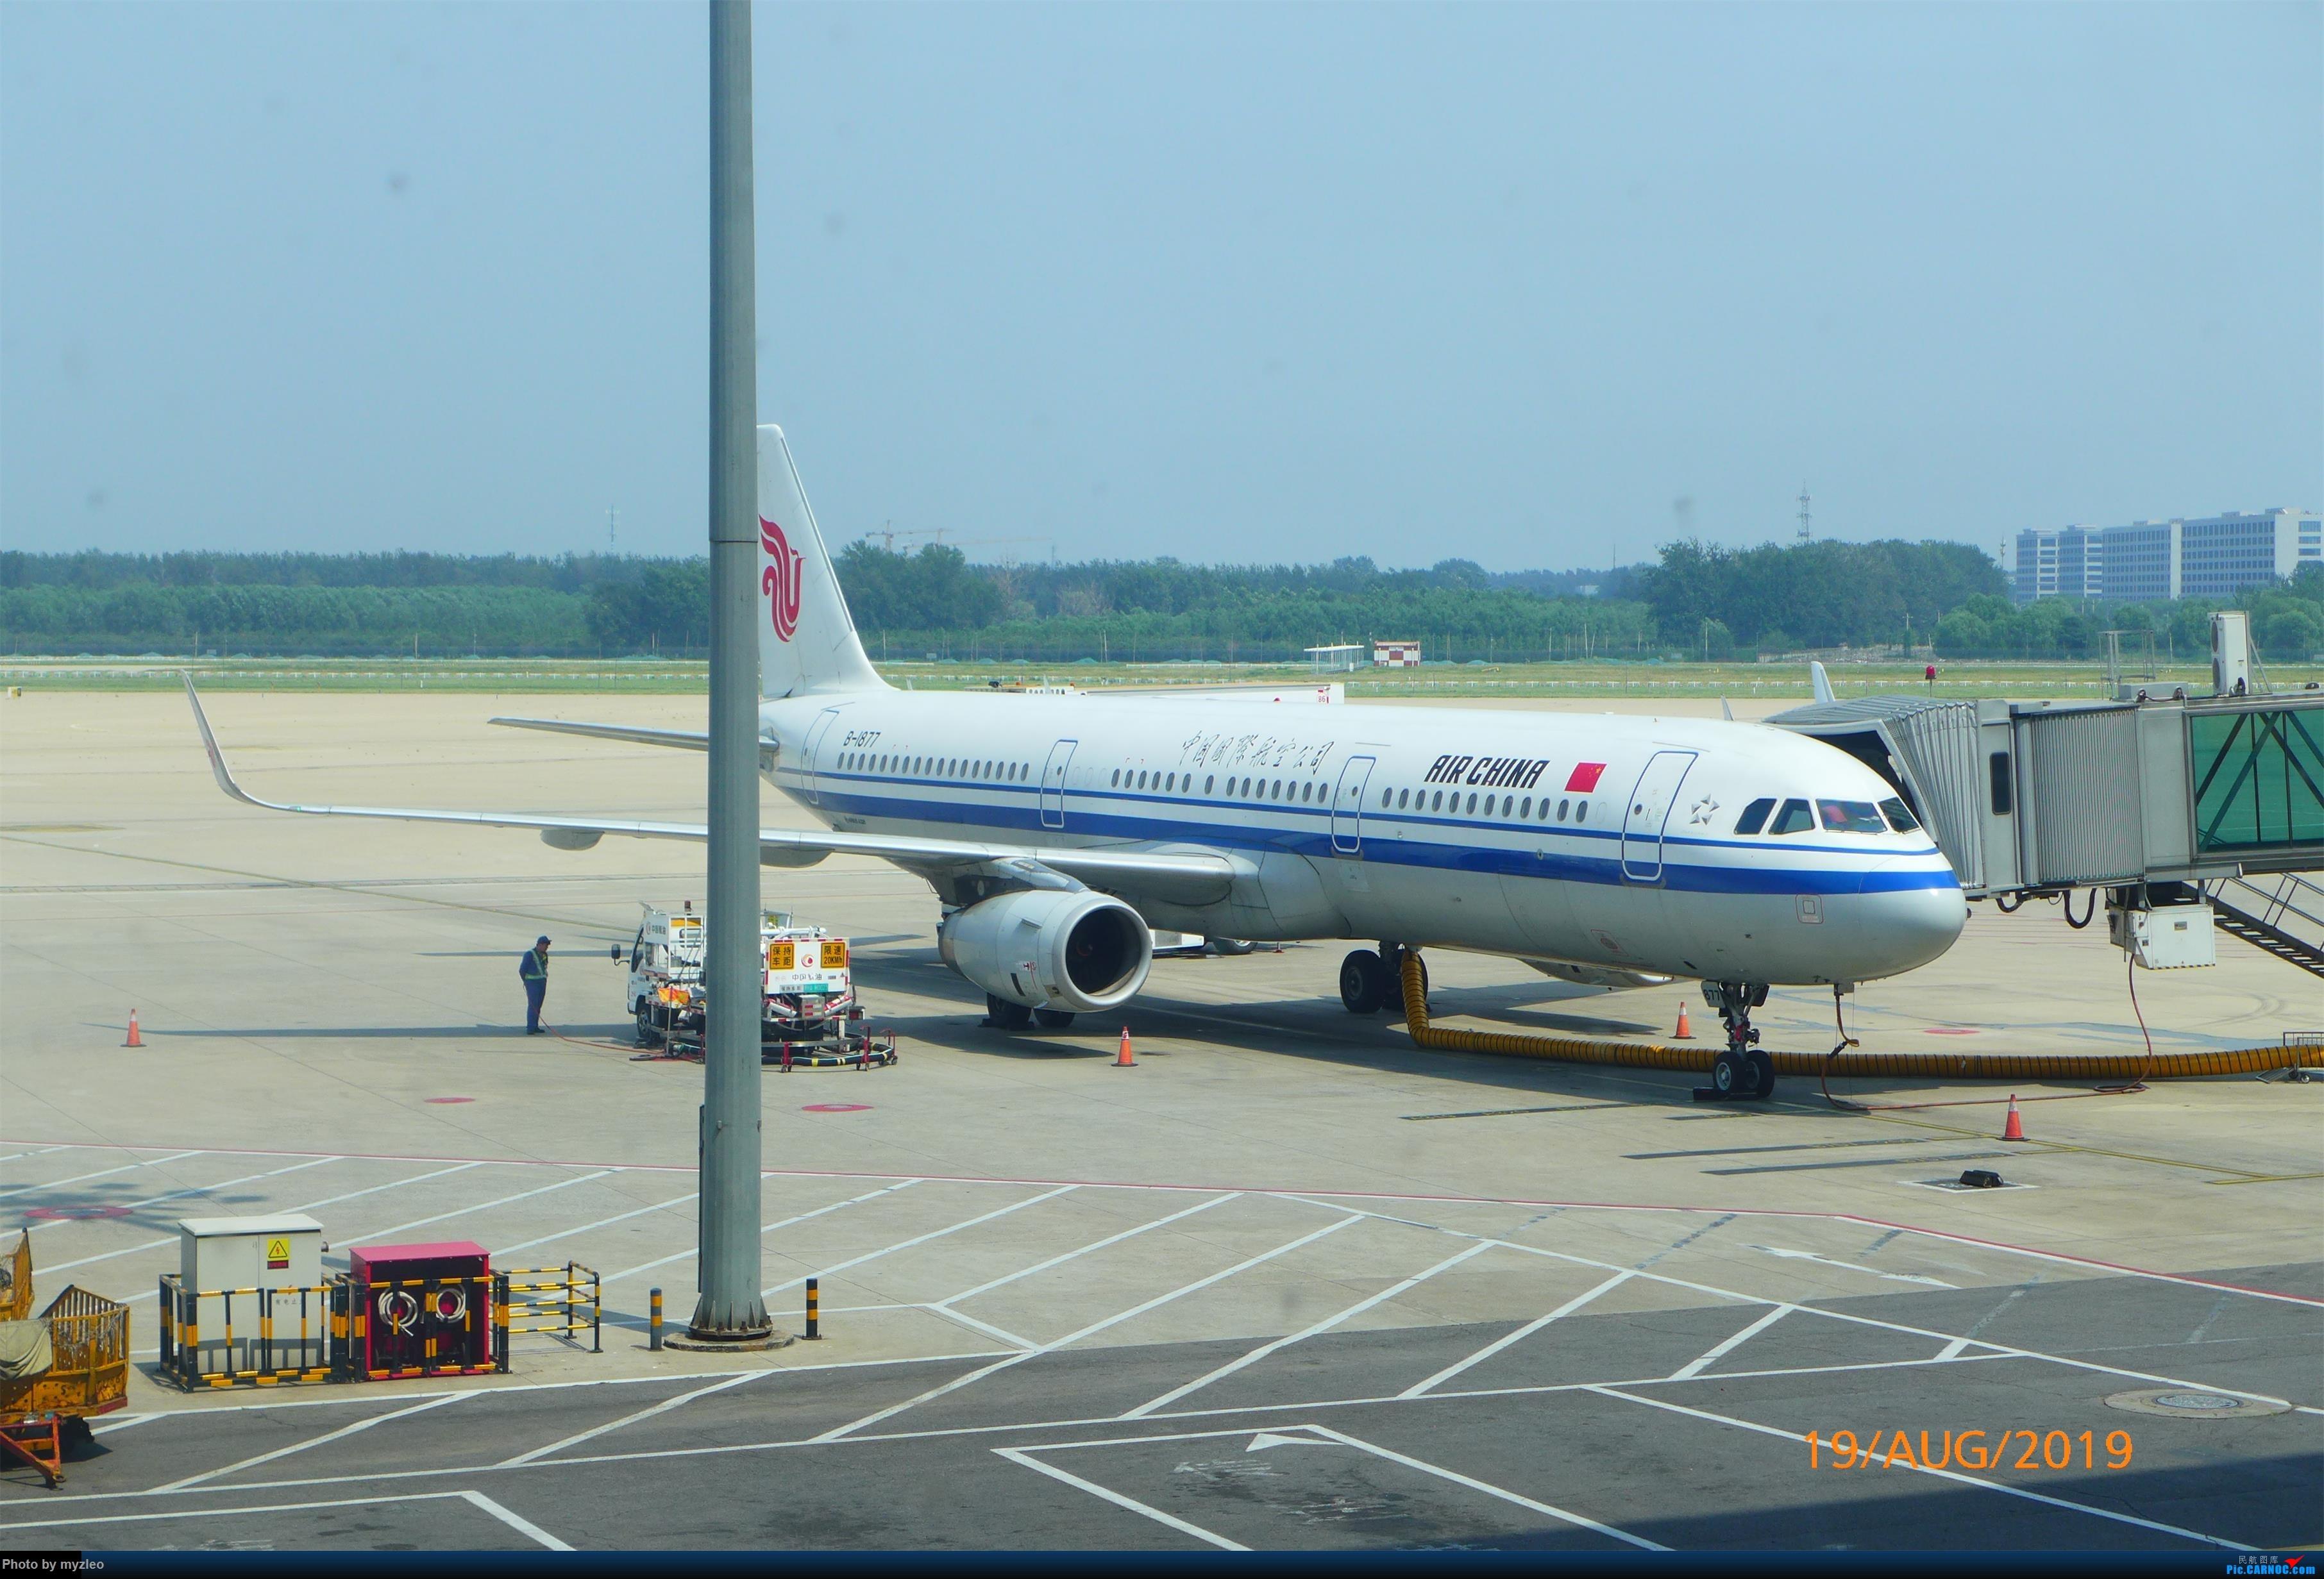 Re:[原创]【myzleo的游记5.1】梦圆一九(1)首搭国航359,北京城里到处走 AIRBUS A321-200 B-1877 中国北京首都国际机场